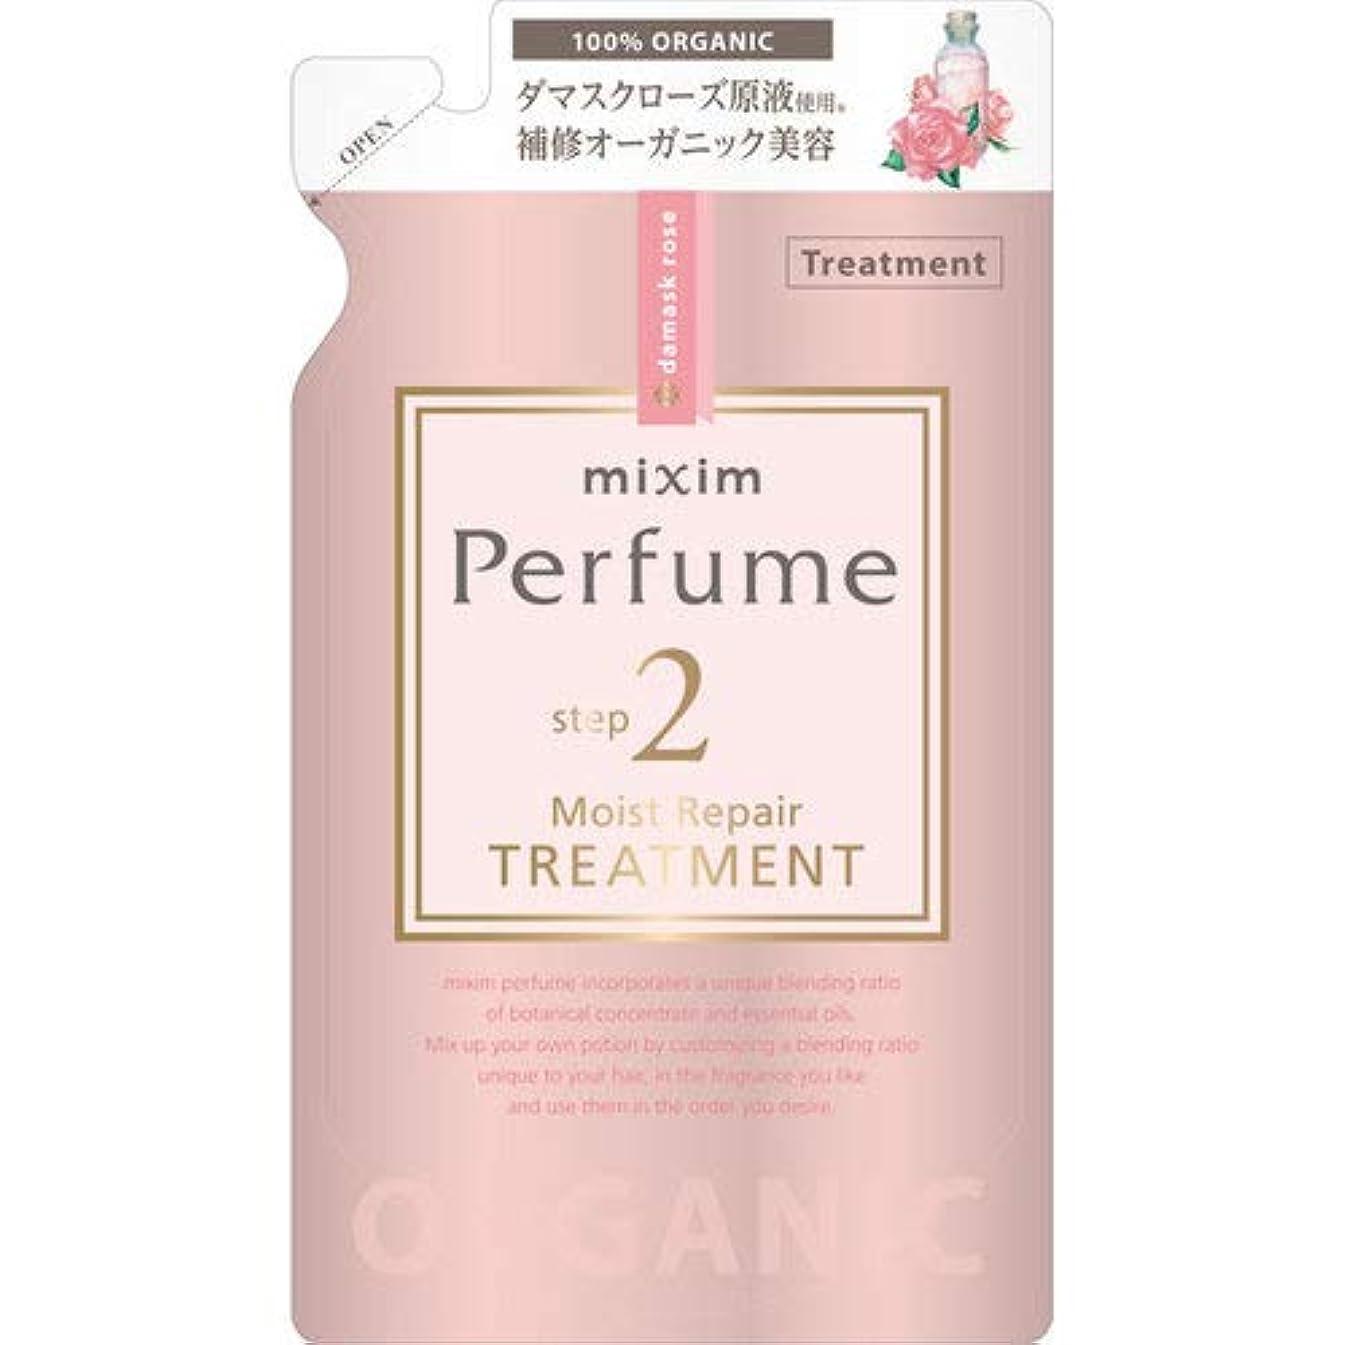 とまり木嫌がらせ高原mixim Perfume(ミクシムパフューム) モイストリペア ヘアトリートメントつめかえ用 350g